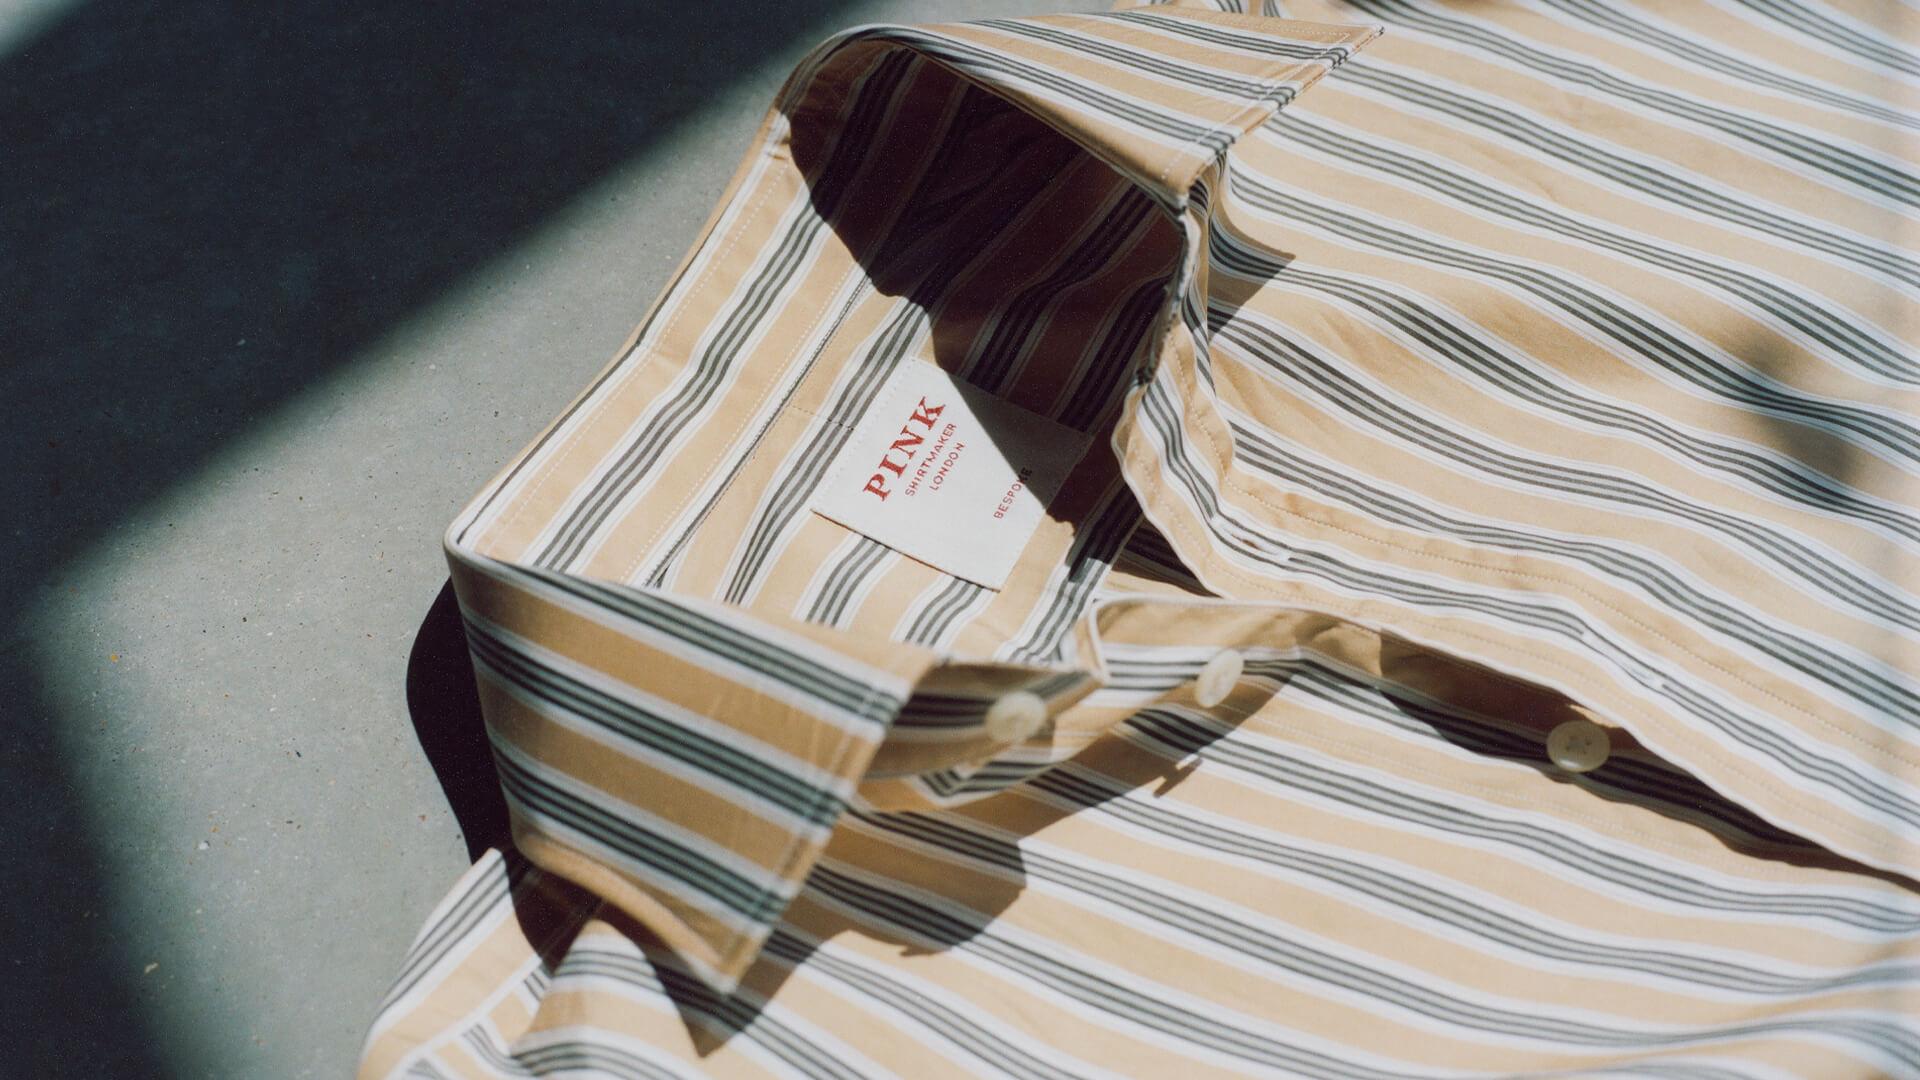 PINK bespoke shirt